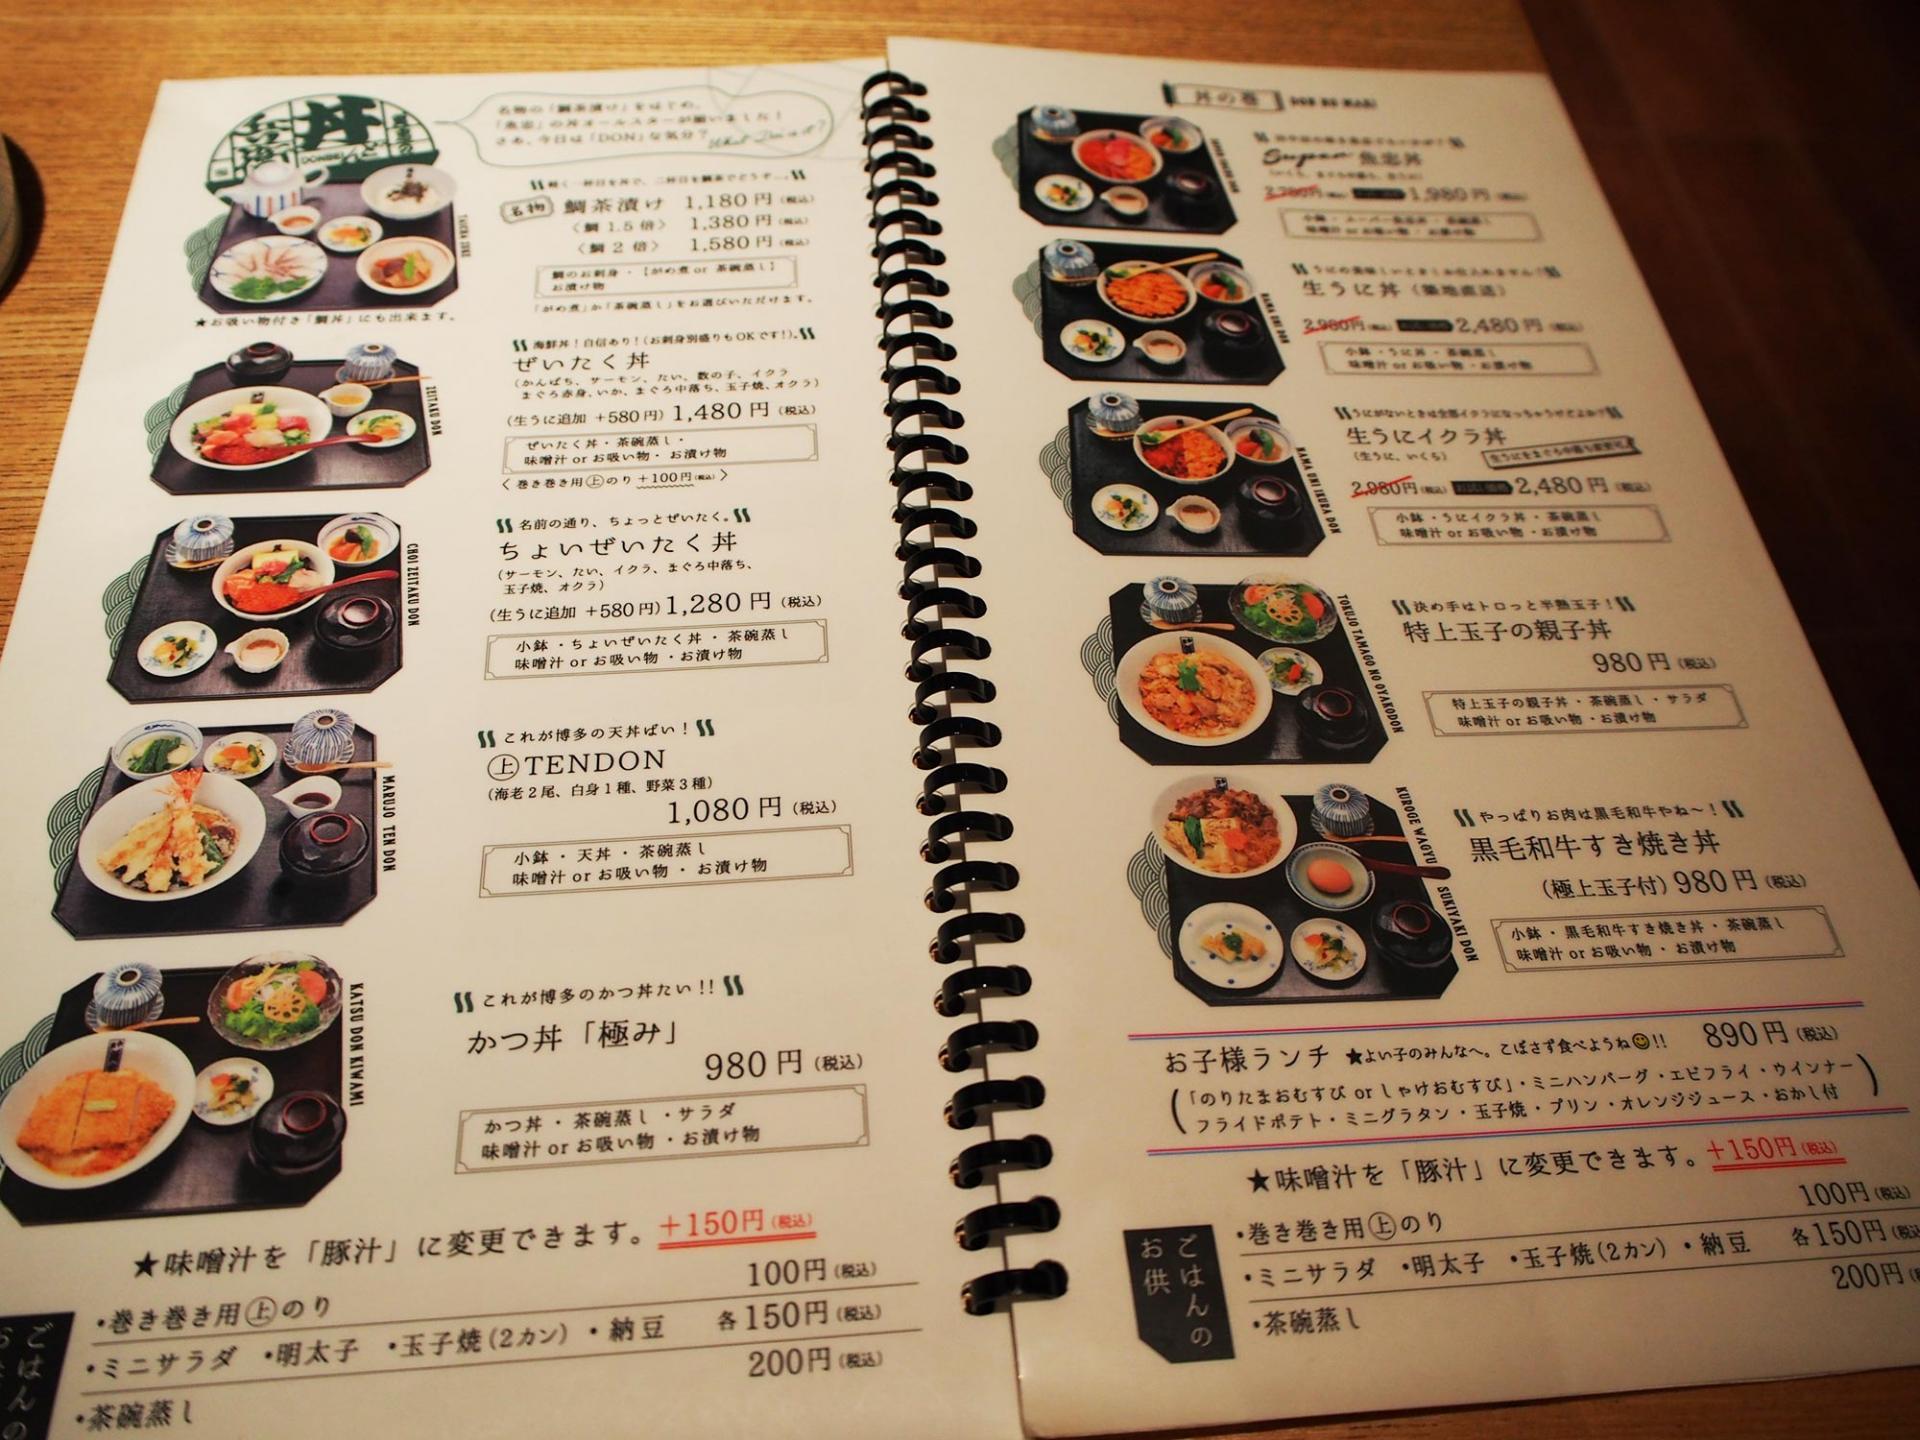 种类丰富多彩的日式套餐